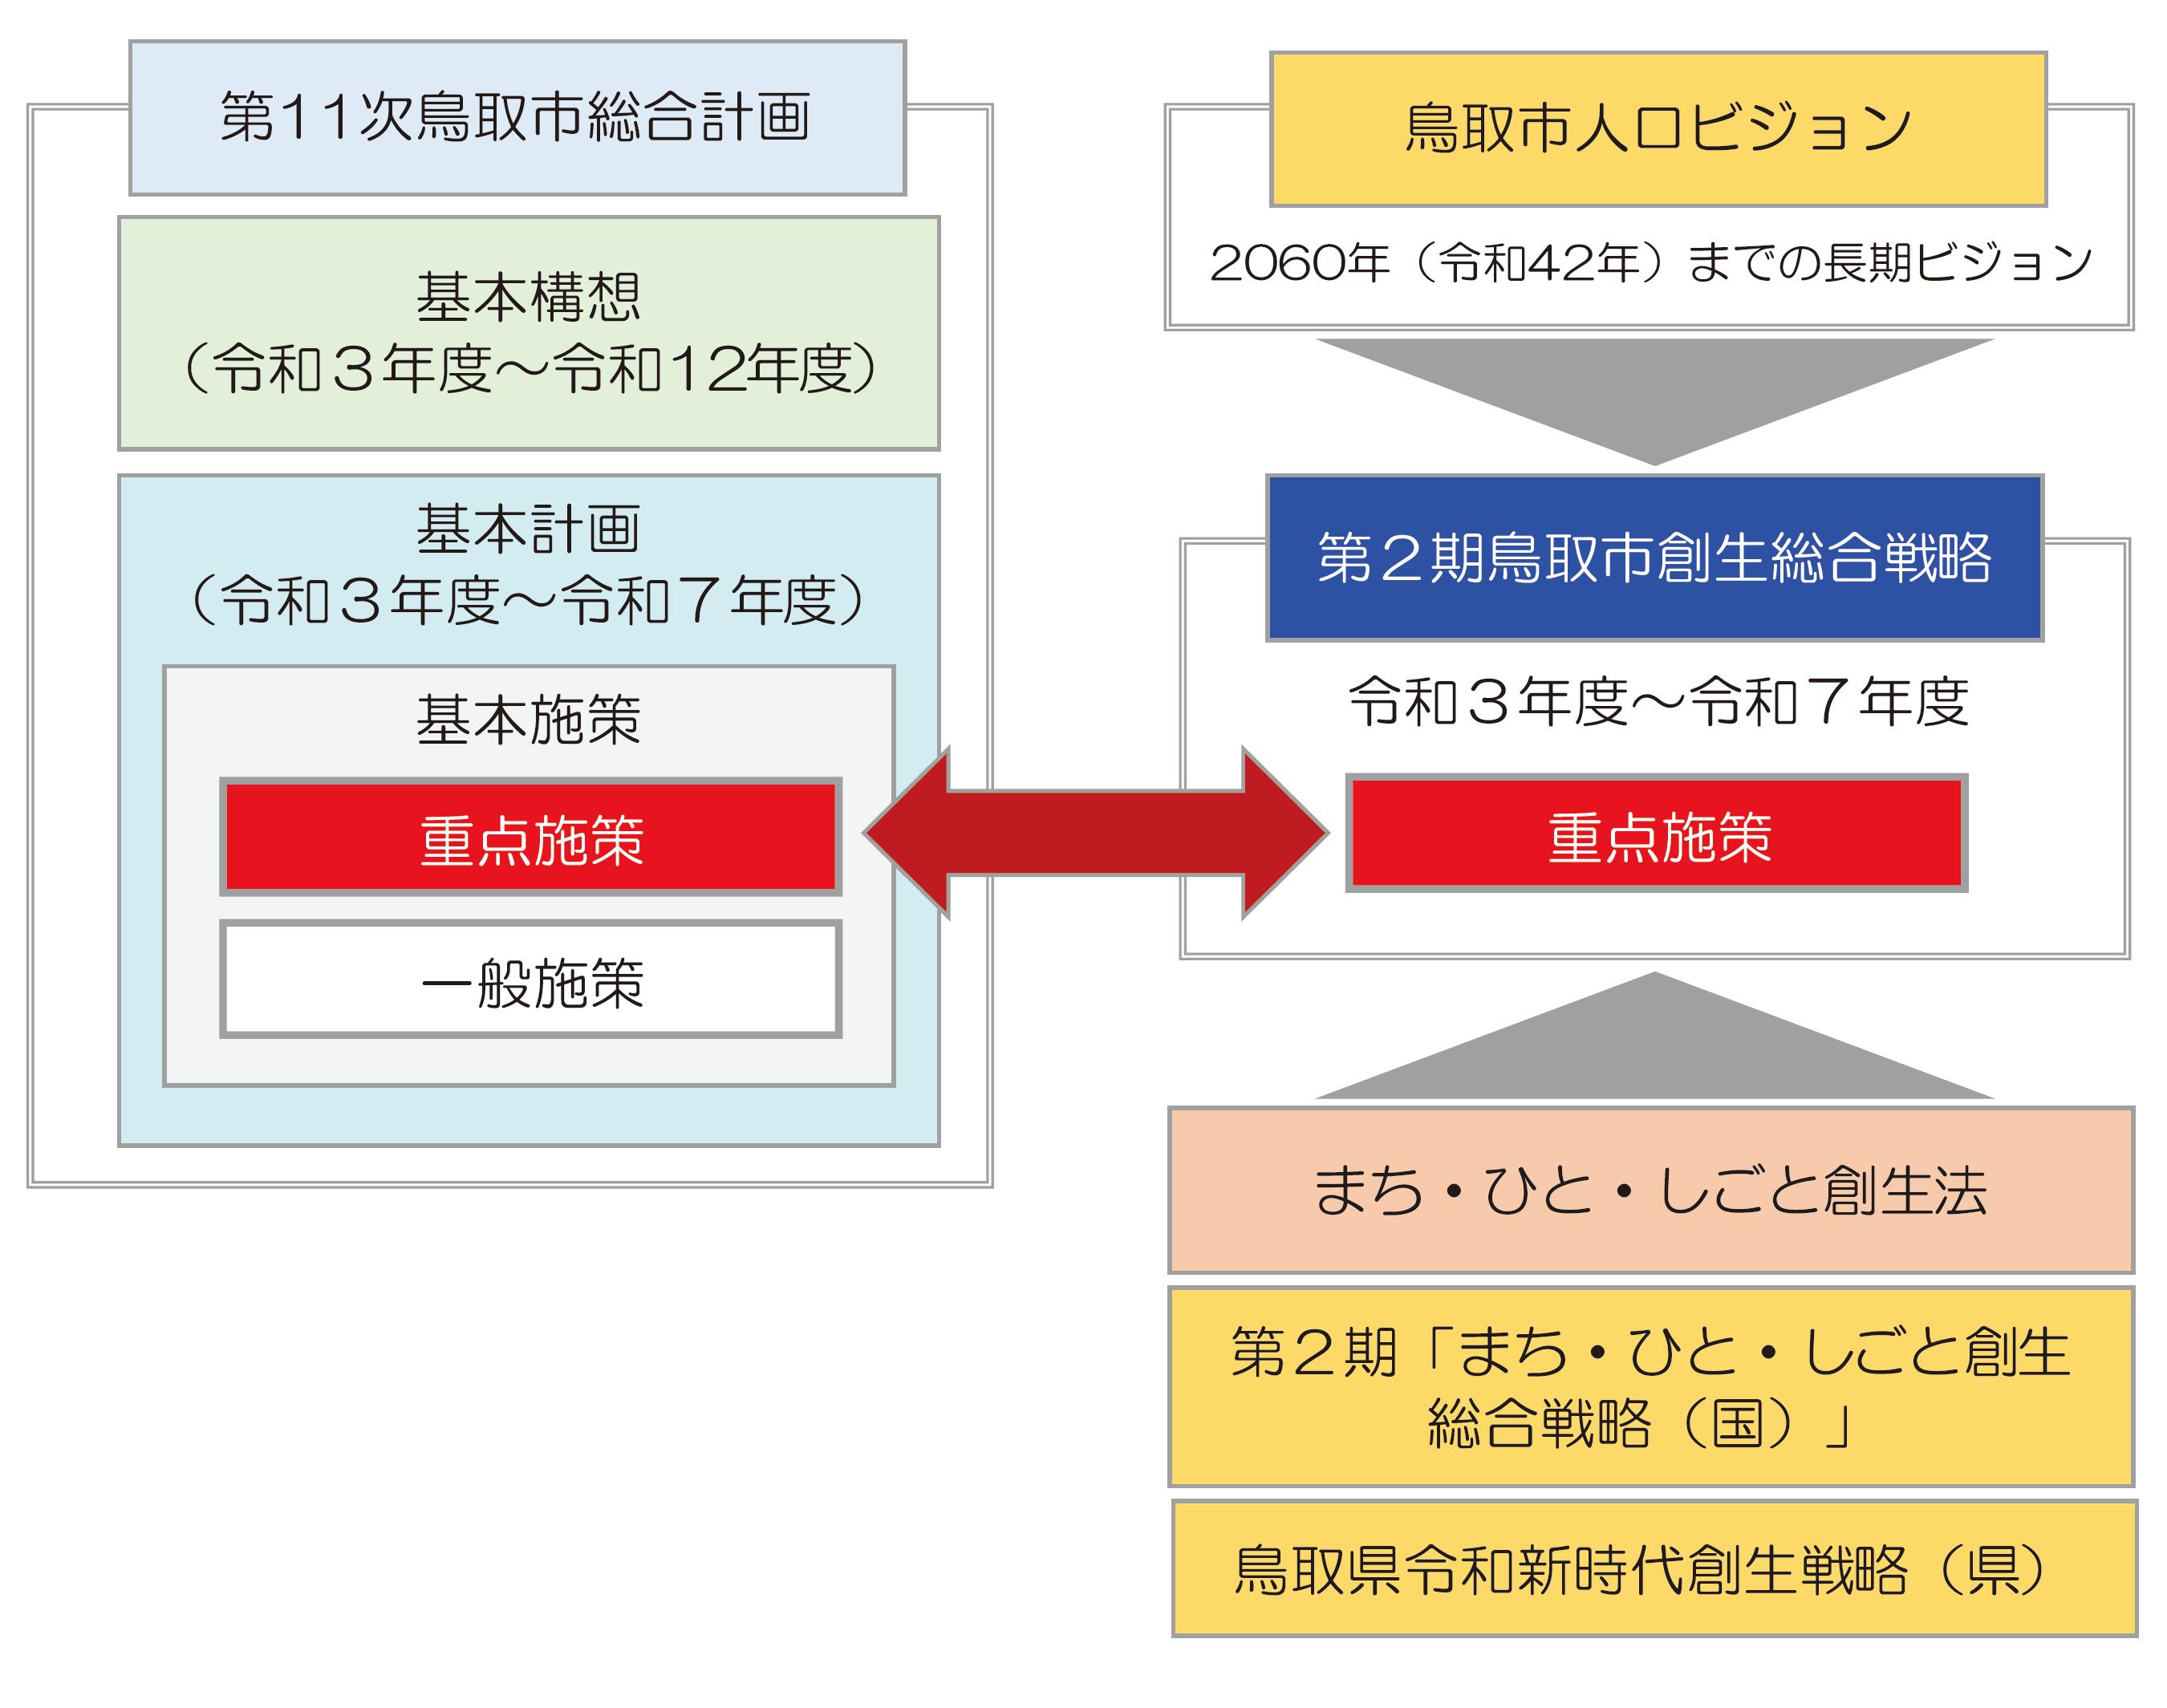 image002.png (207 KB)